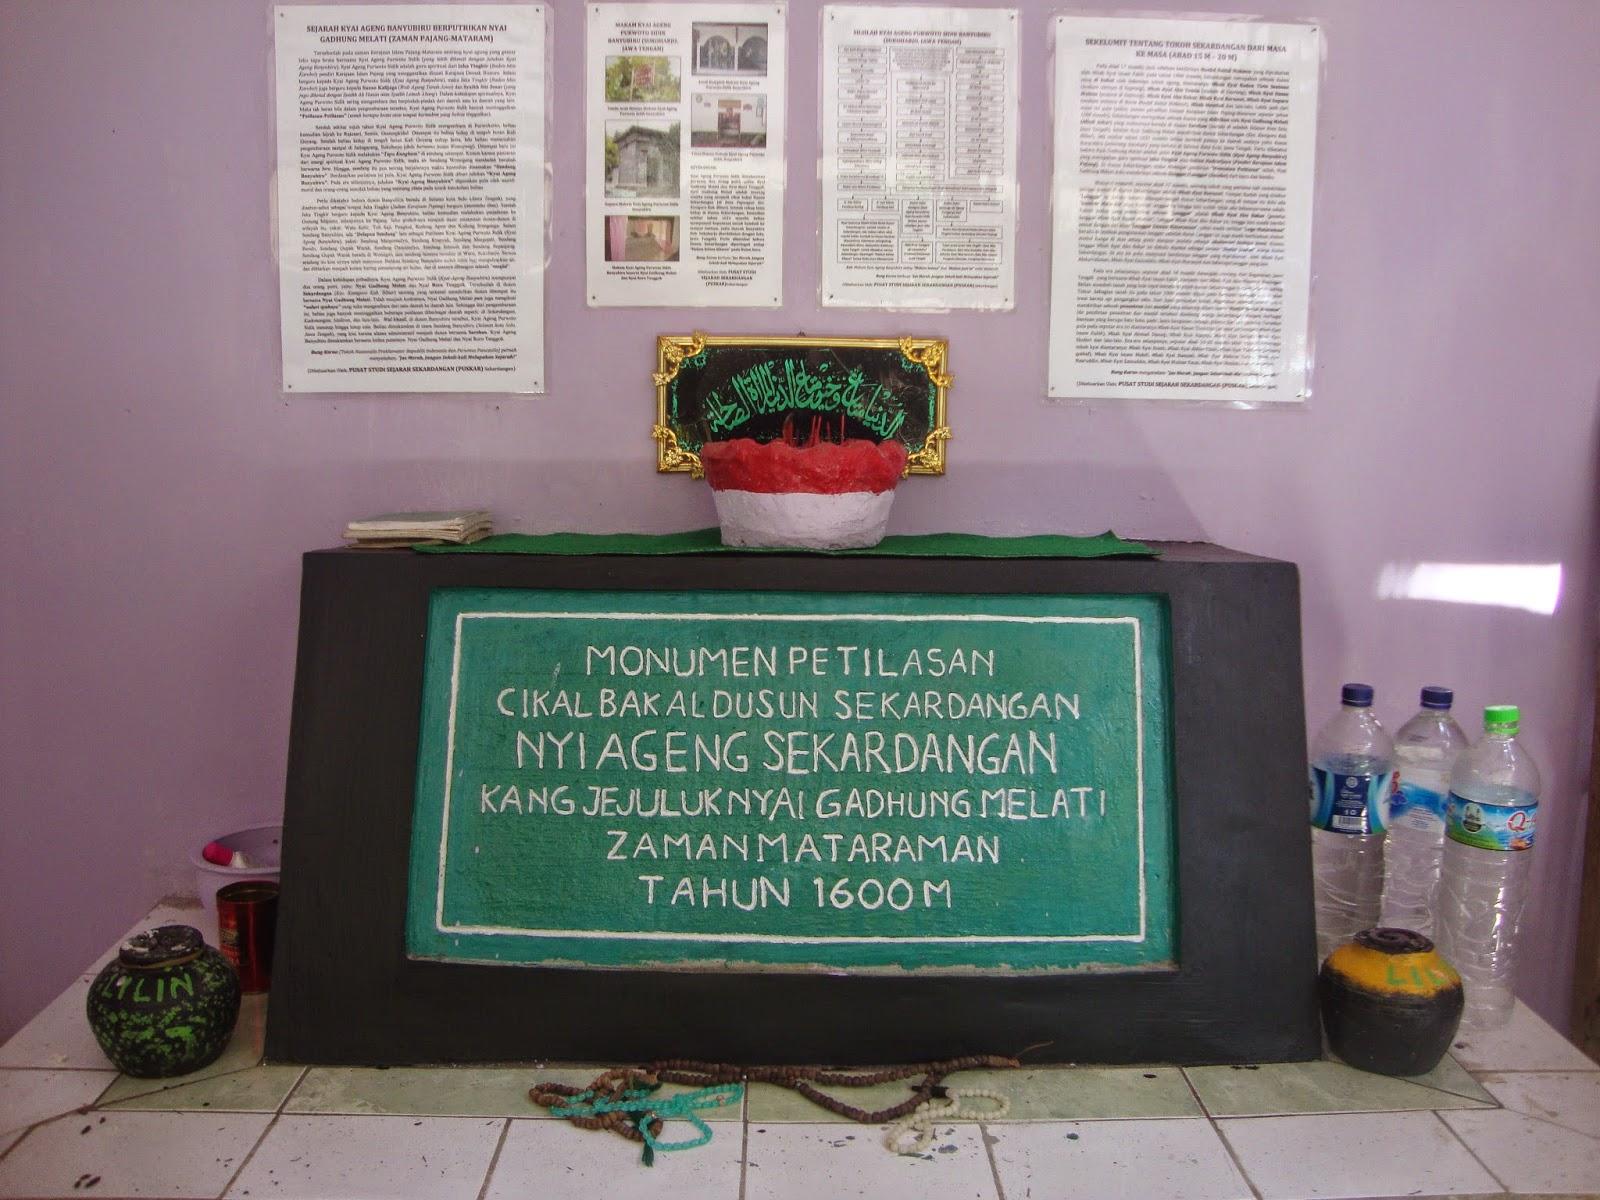 Pustaka Agung Sunan Tembayat Silsilah Kyai Ageng Purwoto Sidik Monumen